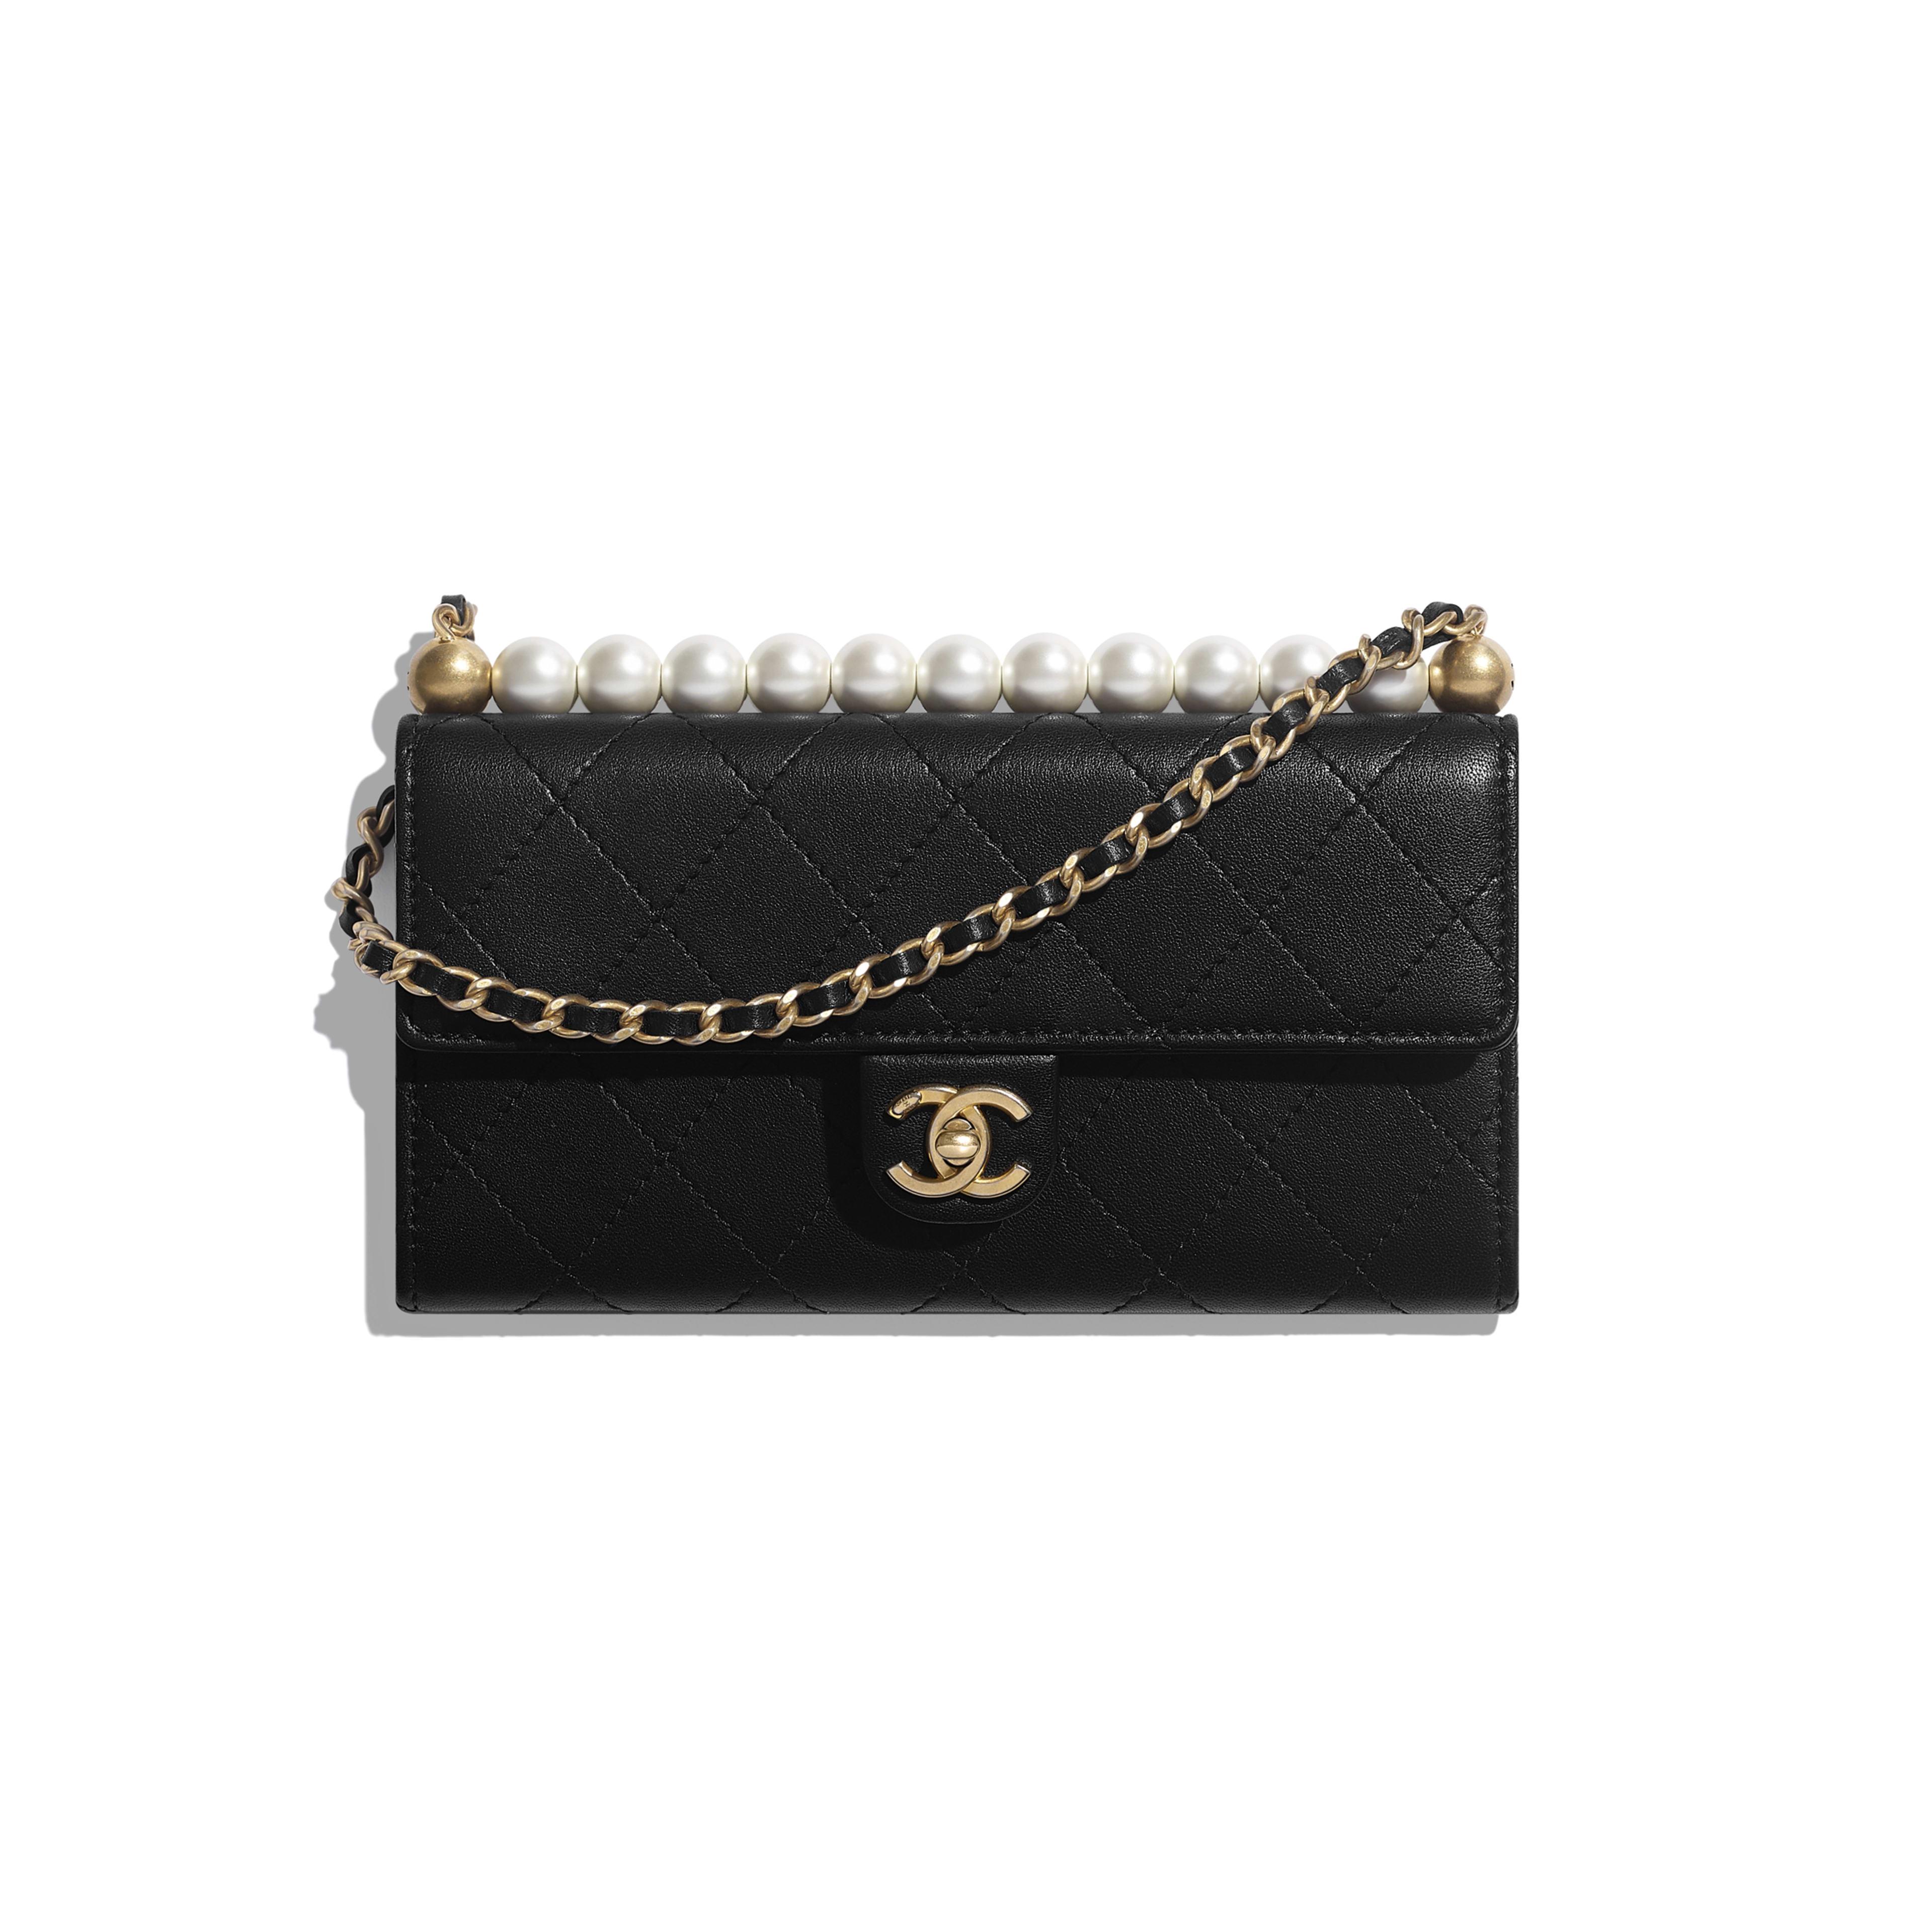 กระเป๋าคลัทช์พร้อมสายโซ่ - สีดำ - หนังแพะ, มุกสังเคราะห์ และโลหะสีทอง - มุมมองปัจจุบัน - ดูเวอร์ชันขนาดเต็ม